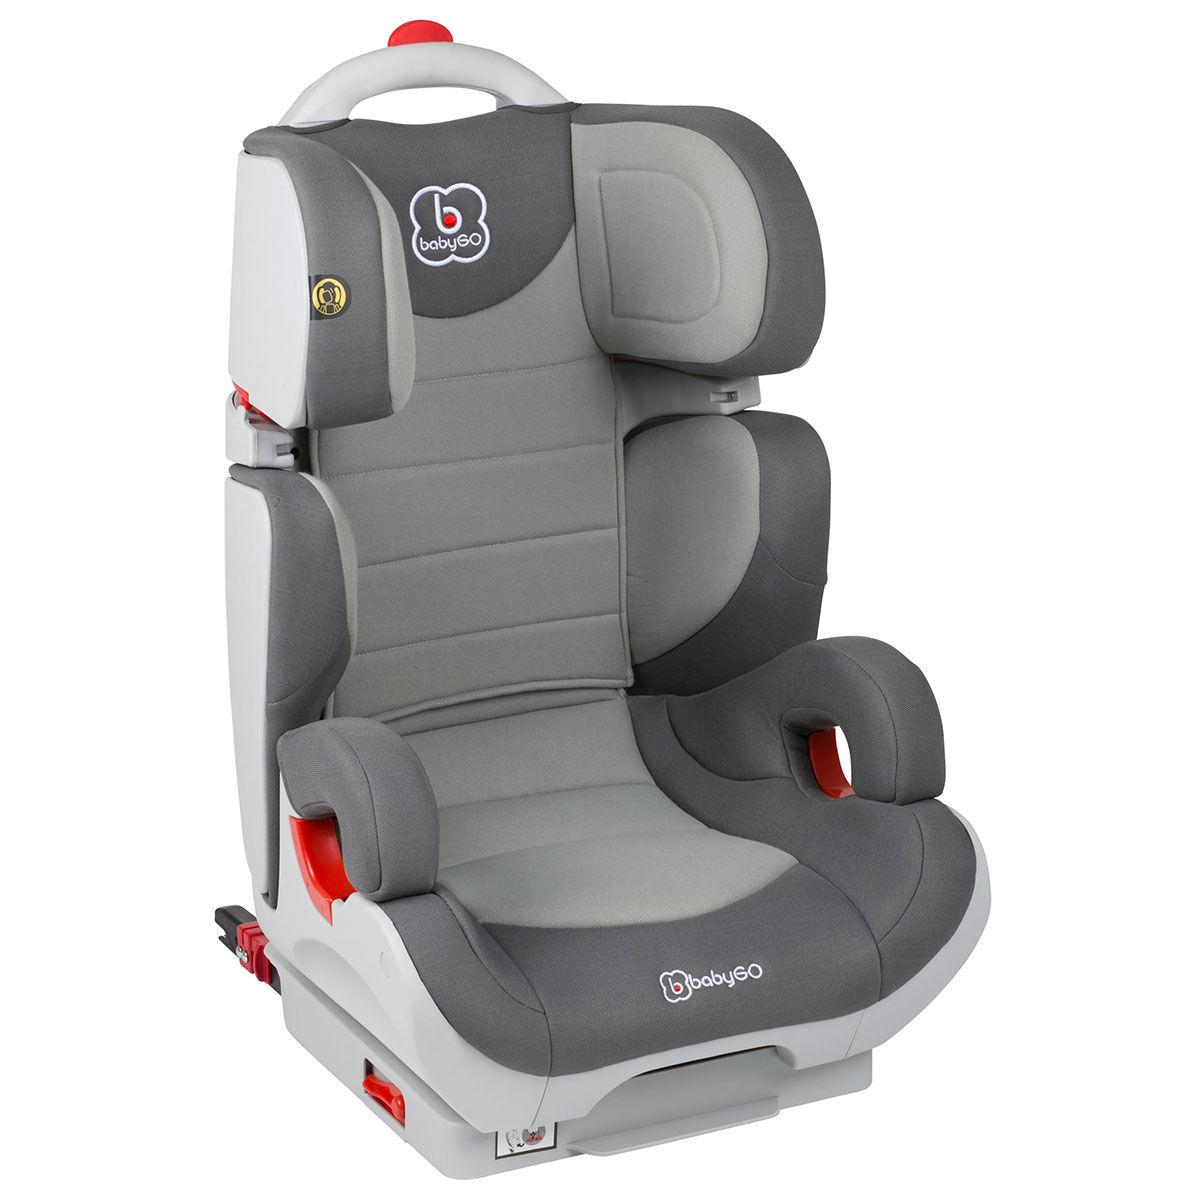 Afbeelding van Autostoel BabyGO Wega IsoFix Grijs (15-36kg)